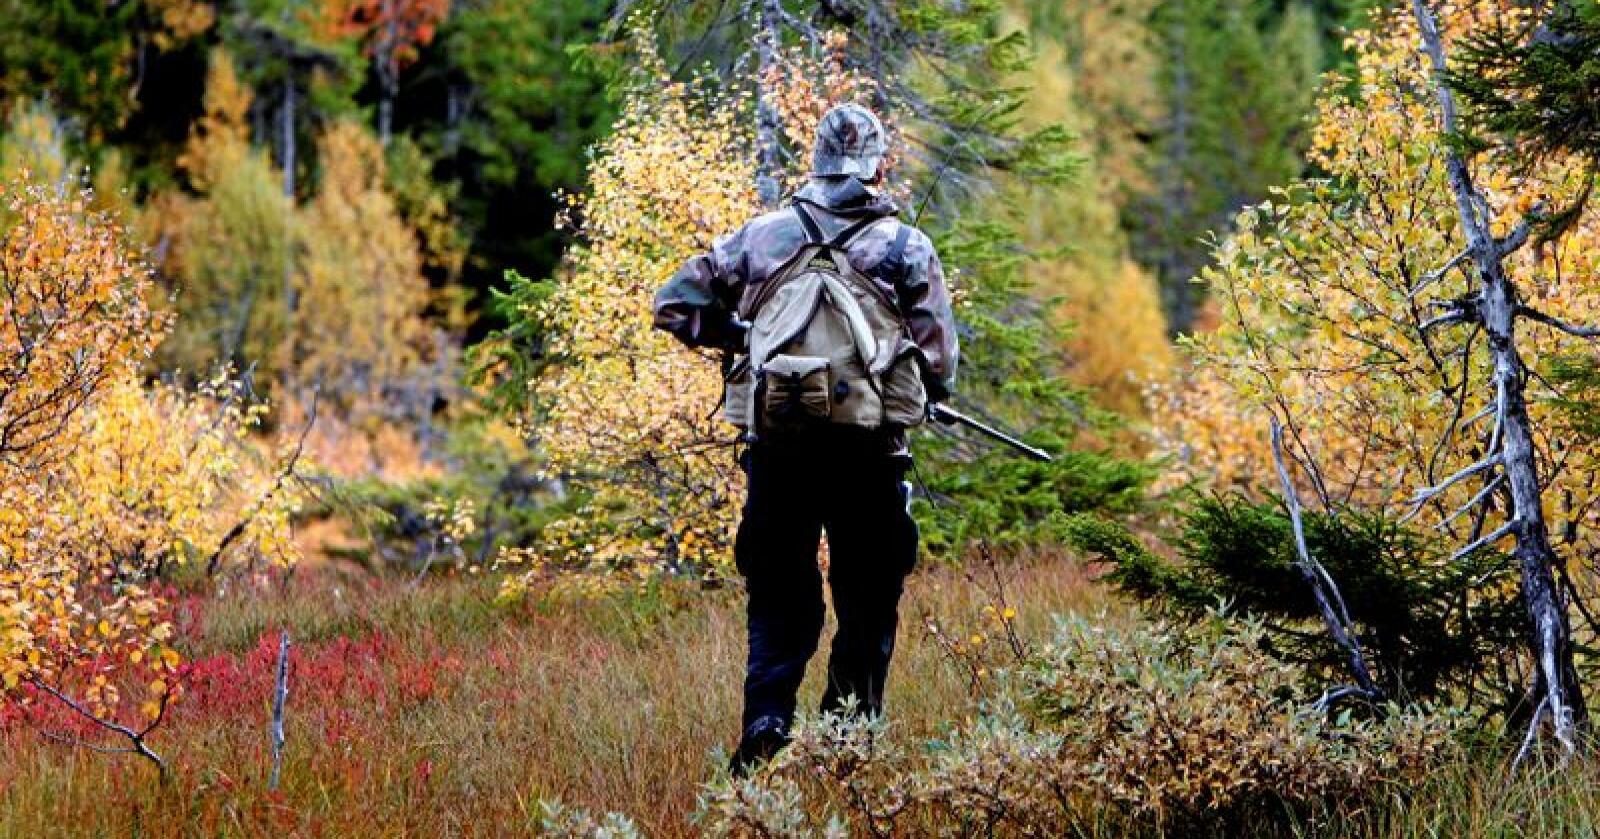 Andelen kvinnelige jegere i Norge øker stadig. I fjor økte andelen med 4,7 prosent, mens den økte med 1,5 prosent for menn. Totalt er det over 509.000 registrerte jegere i Norge. Illustrasjonsfoto: Gorm Kallestad / NTB scanpix